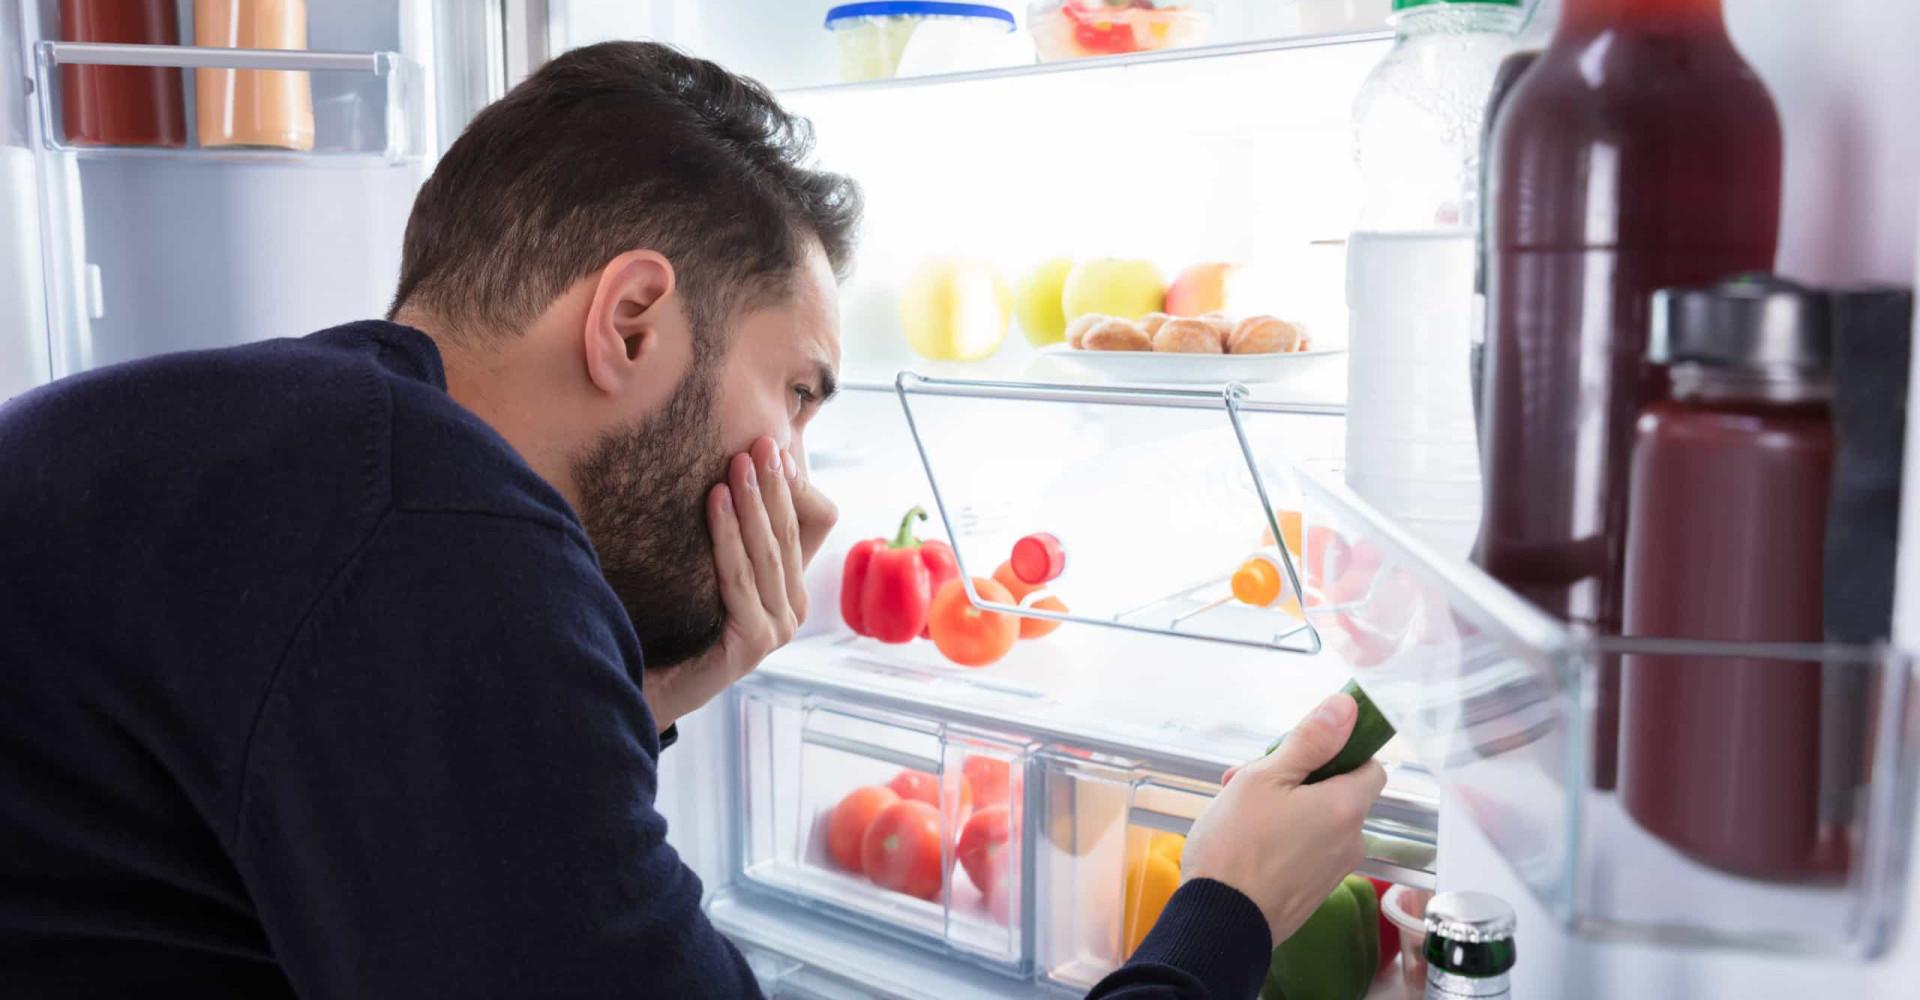 Hiermee verdwijnt de vieze geur uit je koelkast